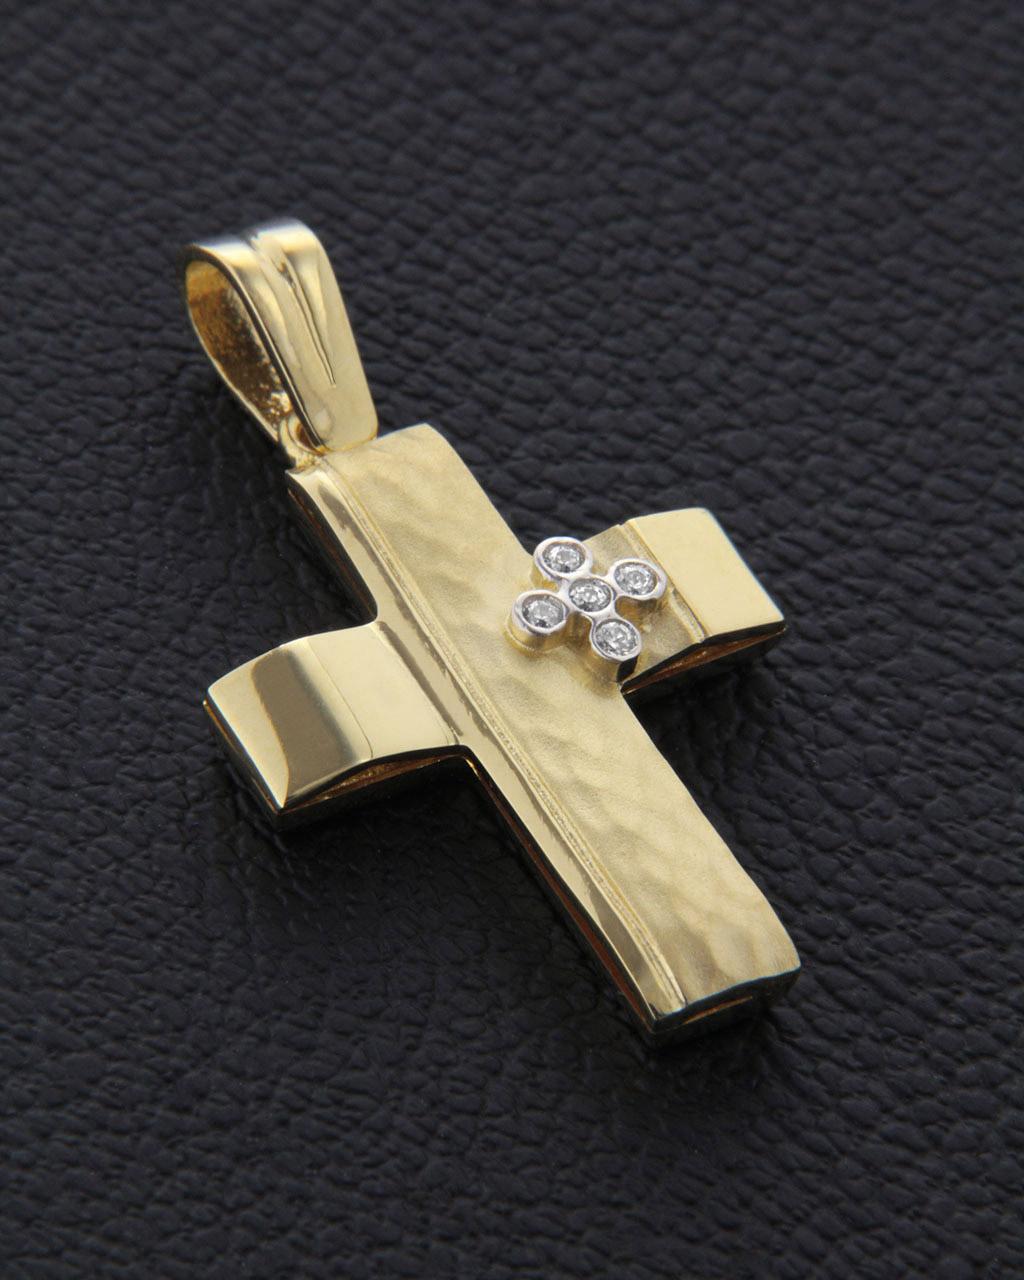 Σταυρός βαπτιστικός χρυσός Κ14   γυναικα σταυροί σταυροί χρυσοί